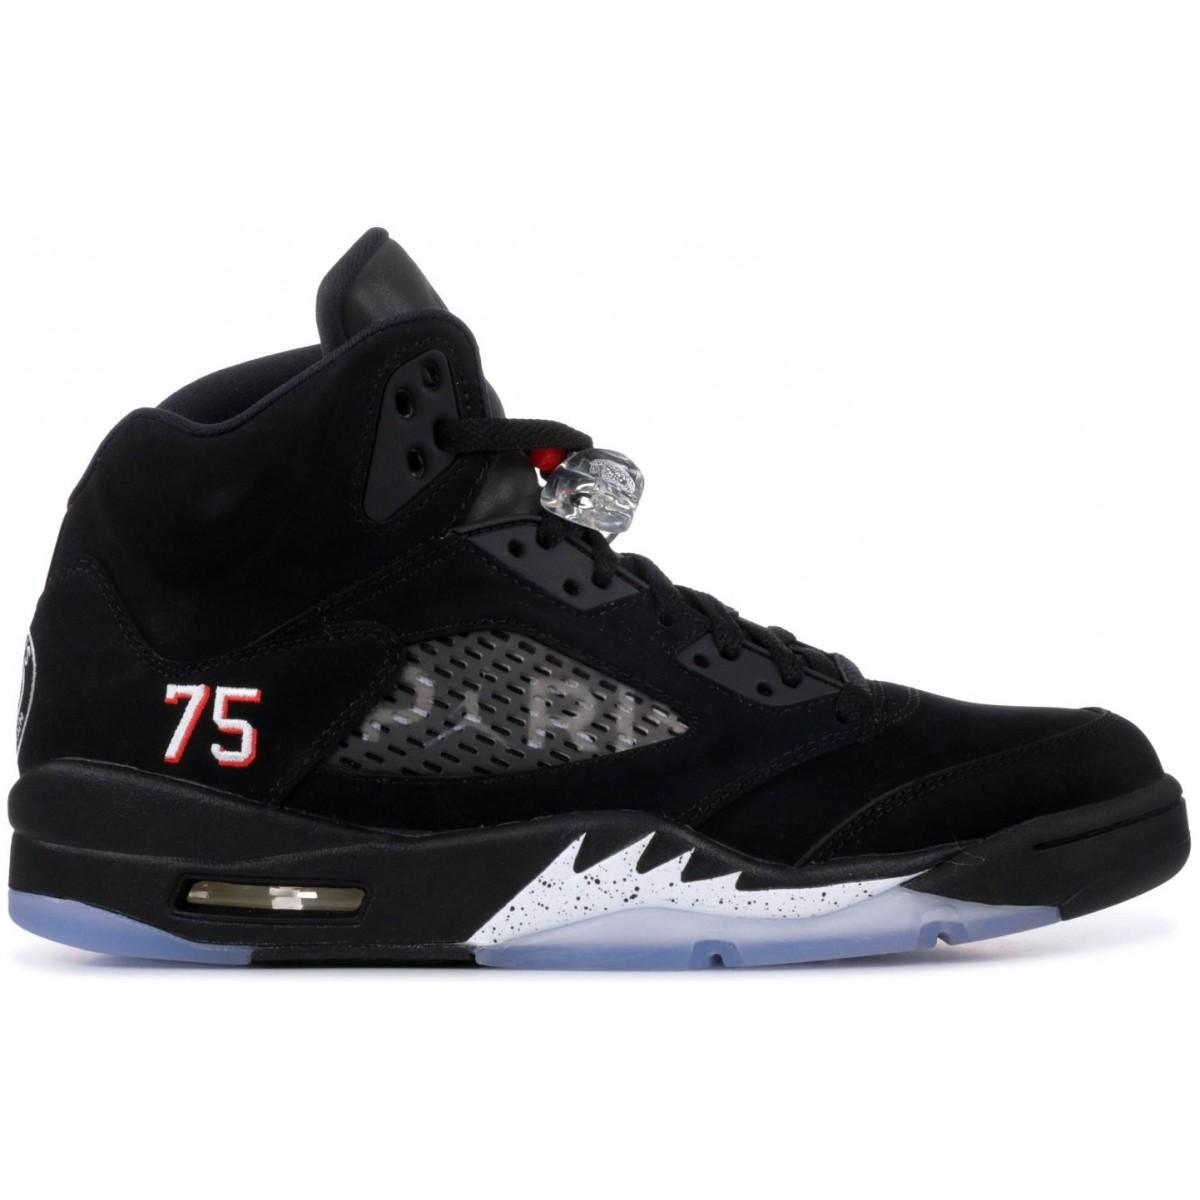 Jordan 5 Retro 845035 003